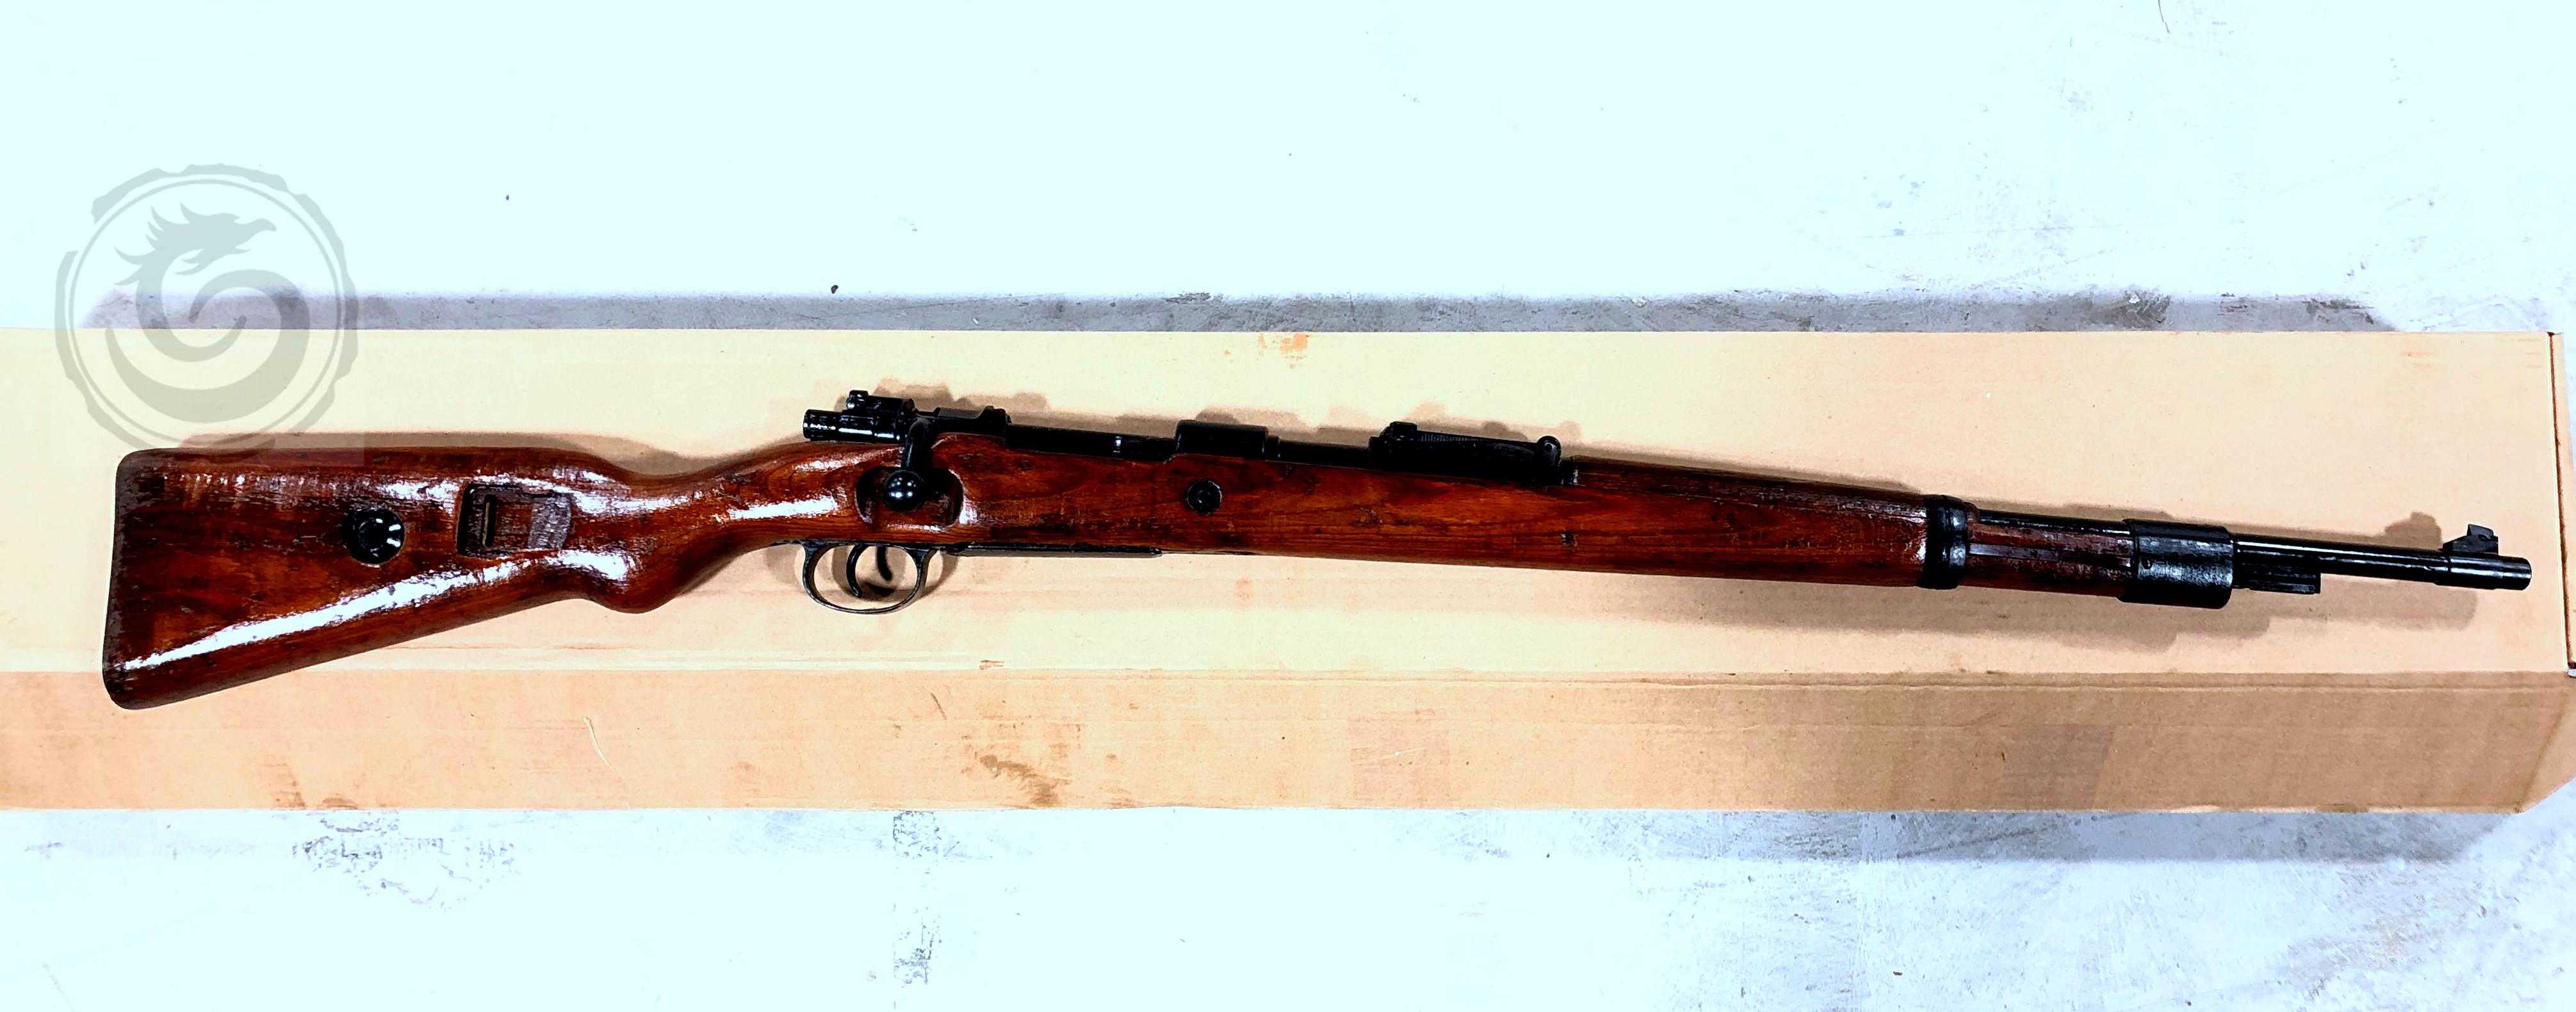 Mauser K98 Russian Capture - 8mm Mauser-GRADE A